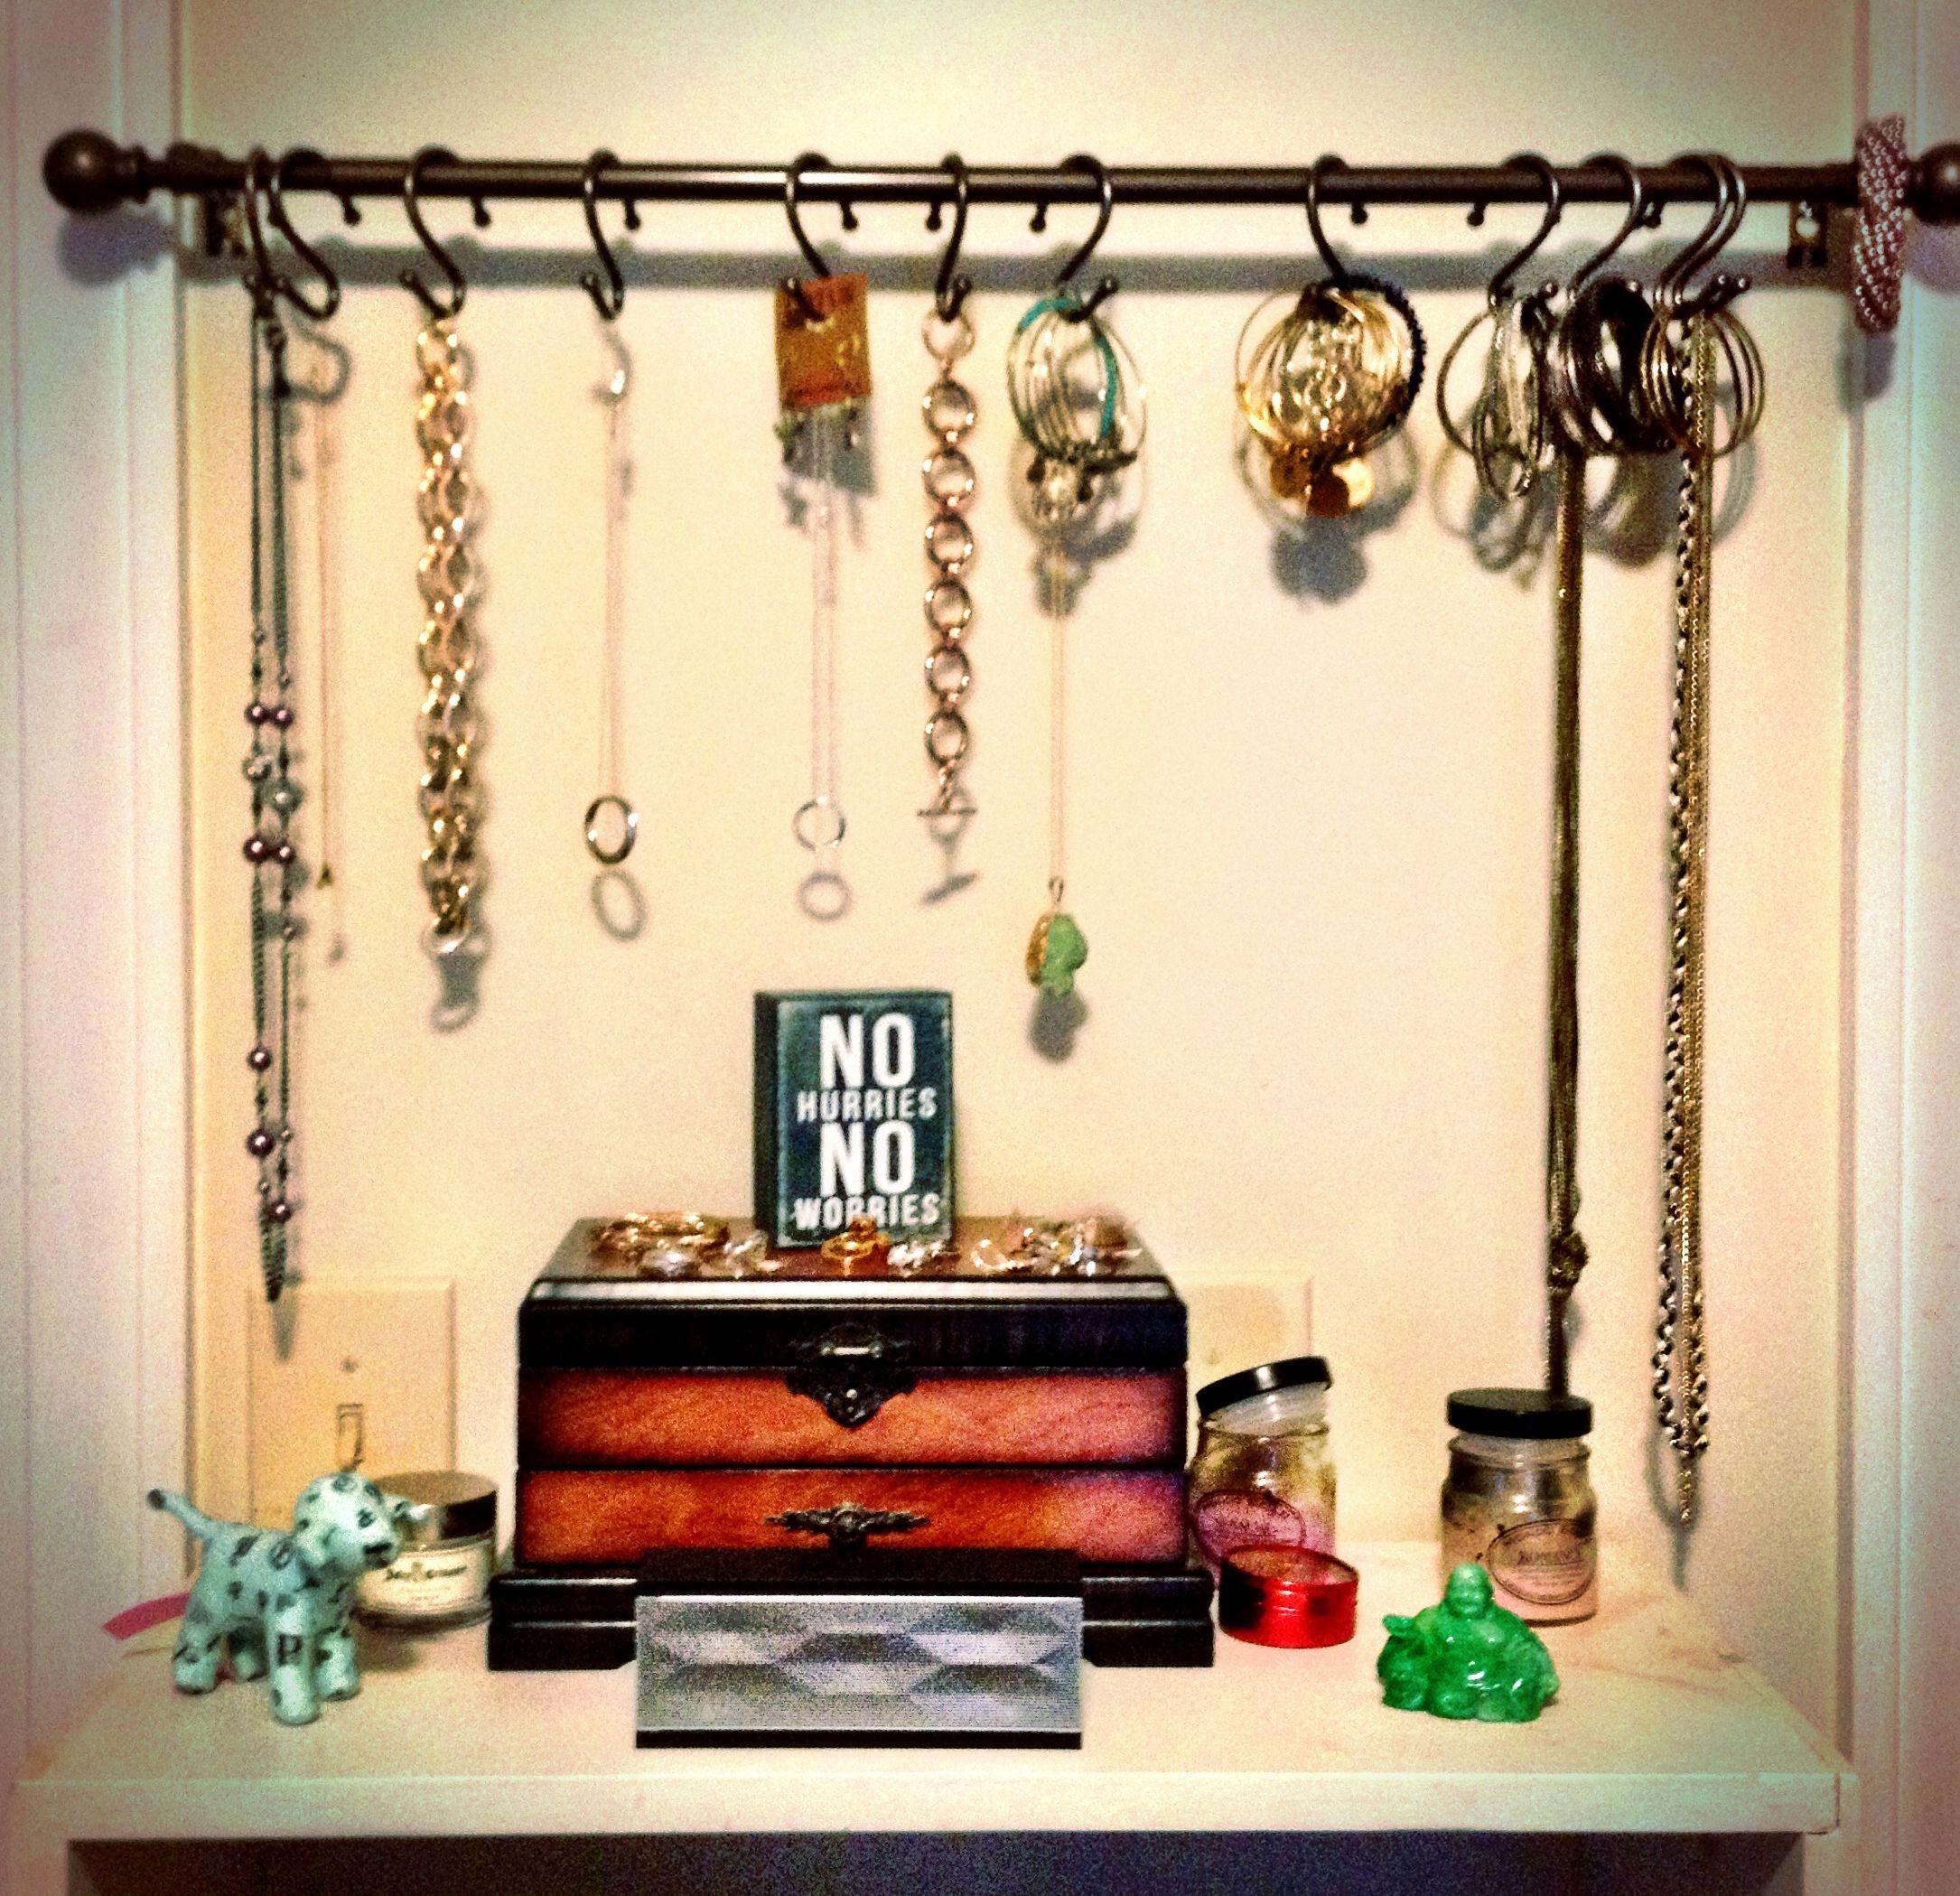 Jewelry storage display | Projects | Pinterest | Display, Storage ...